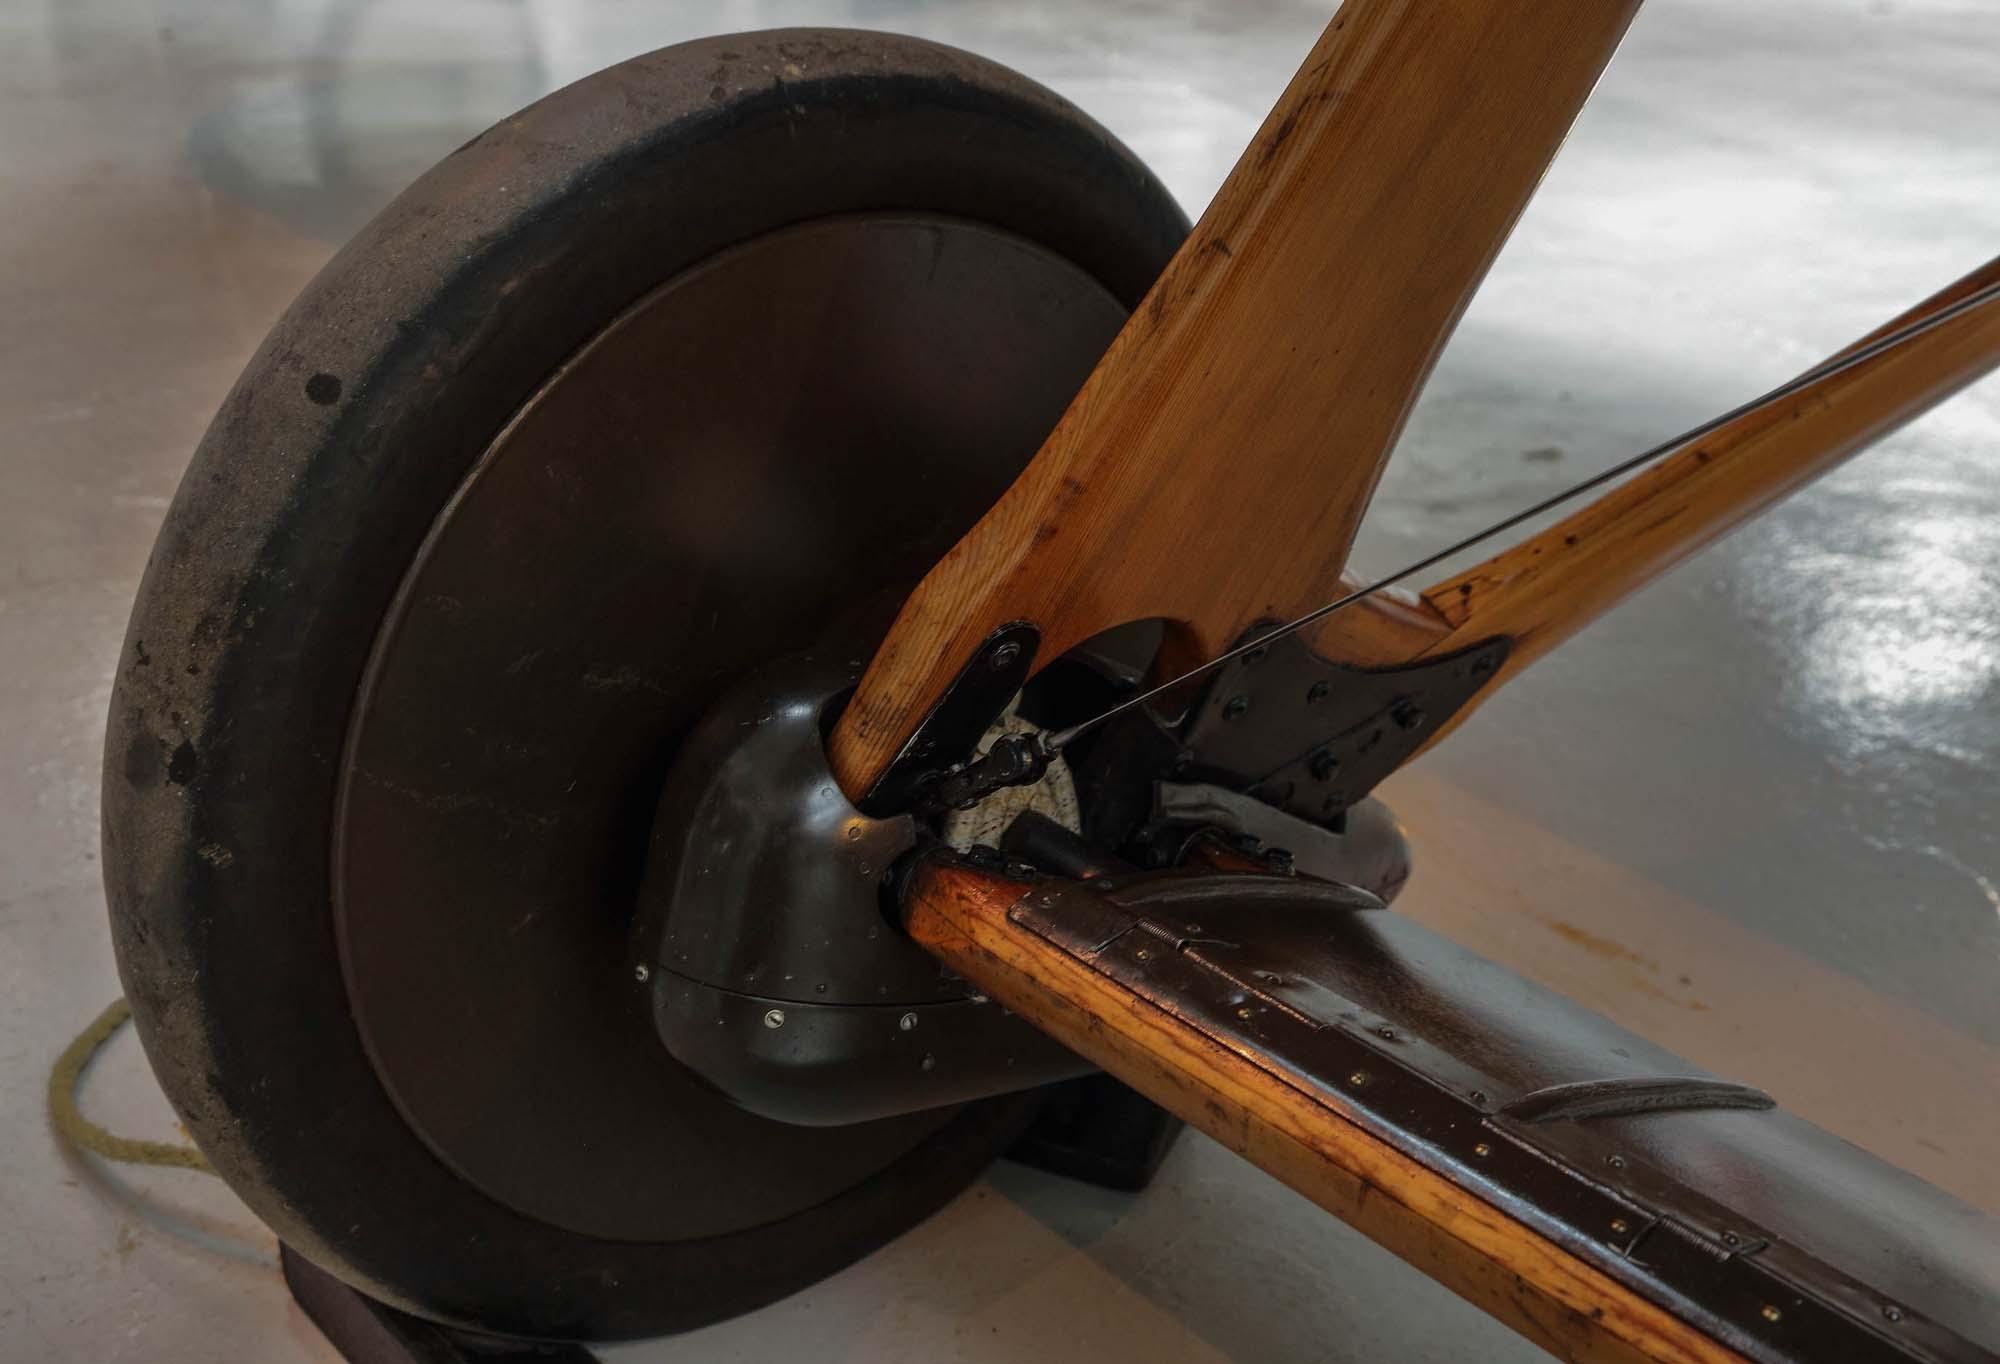 a photo of an aircraft's landing wheel and wooden landing gear